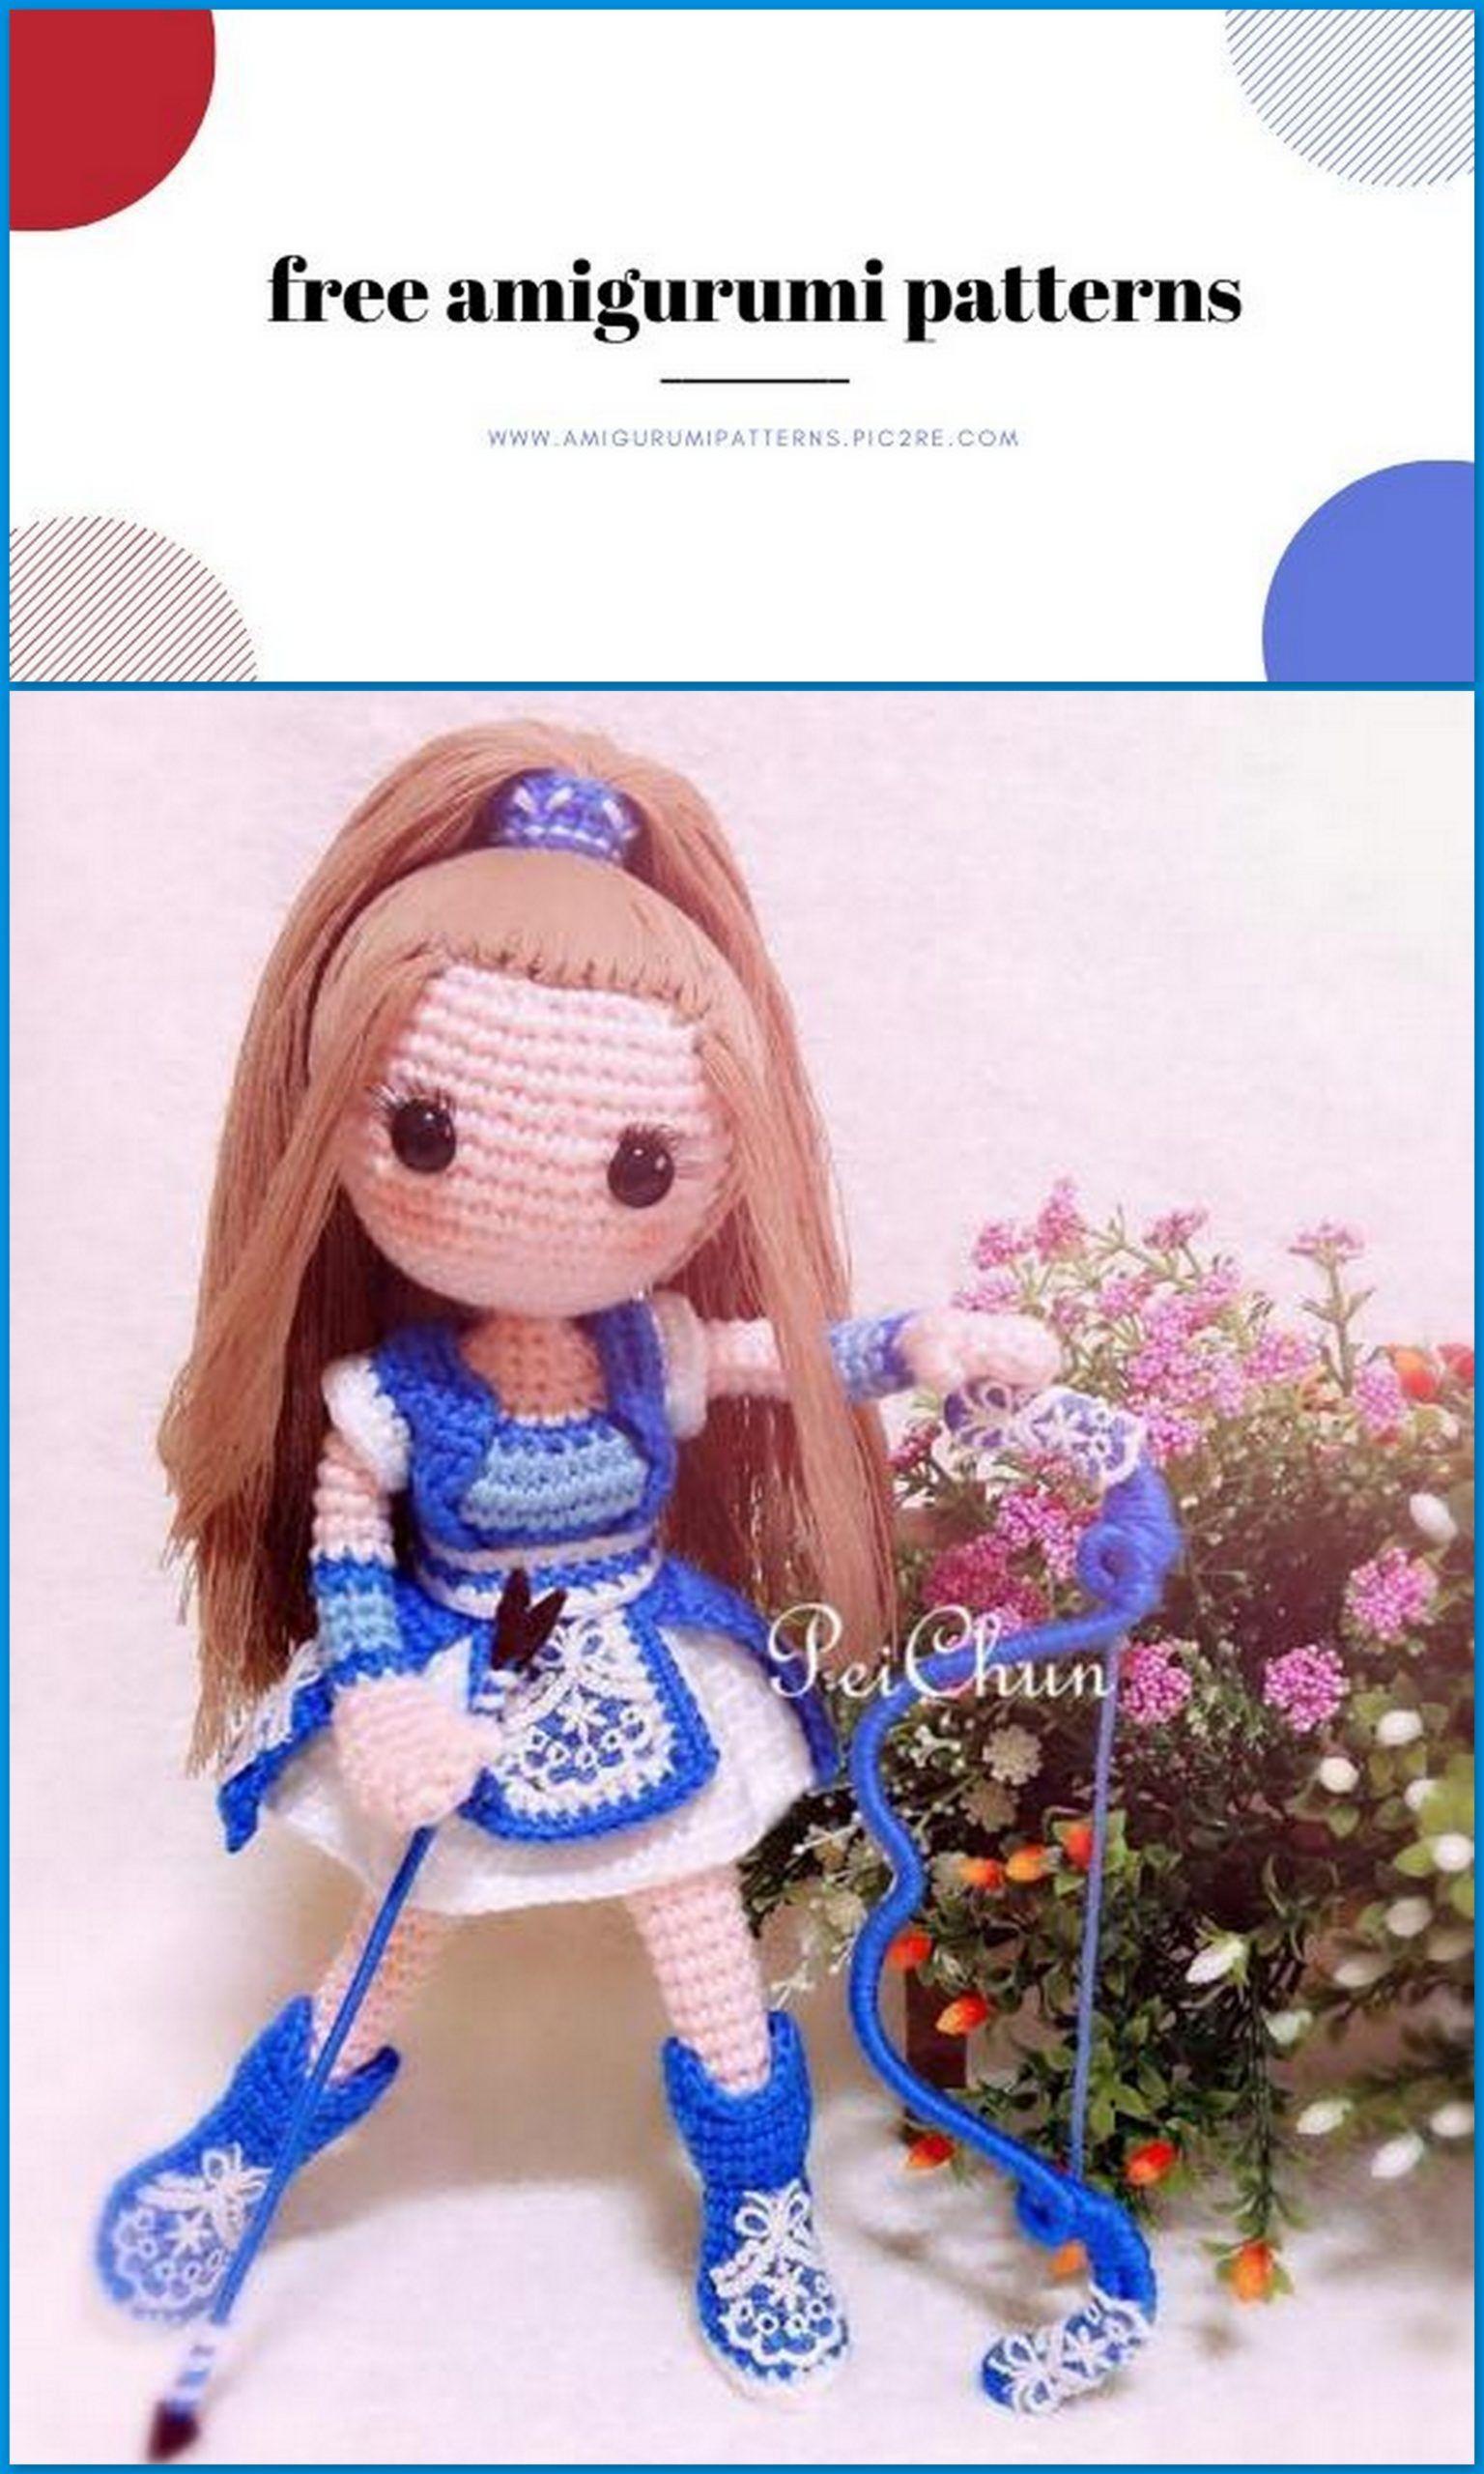 Little Friends From Ocean Amigurumi Crochet Pattern:Amazon:Kindle ... | 2560x1536